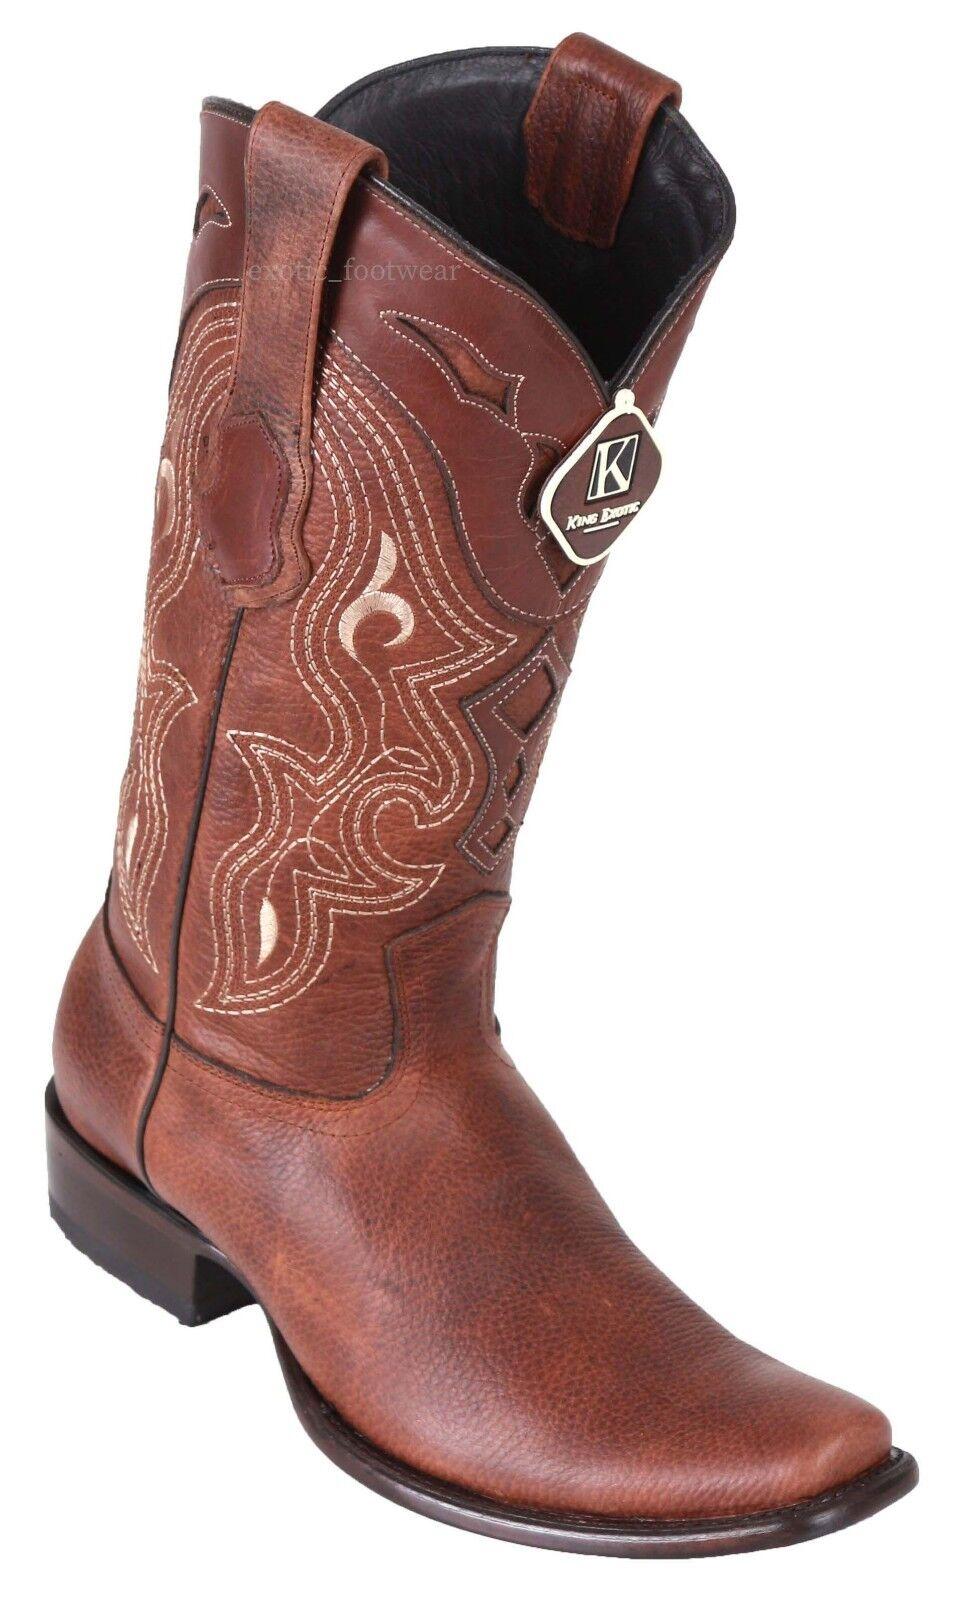 Para hombres cuero genuino del zurriago espeluznante Rey Exotic Western botas Puntera cuadrada de Dubai